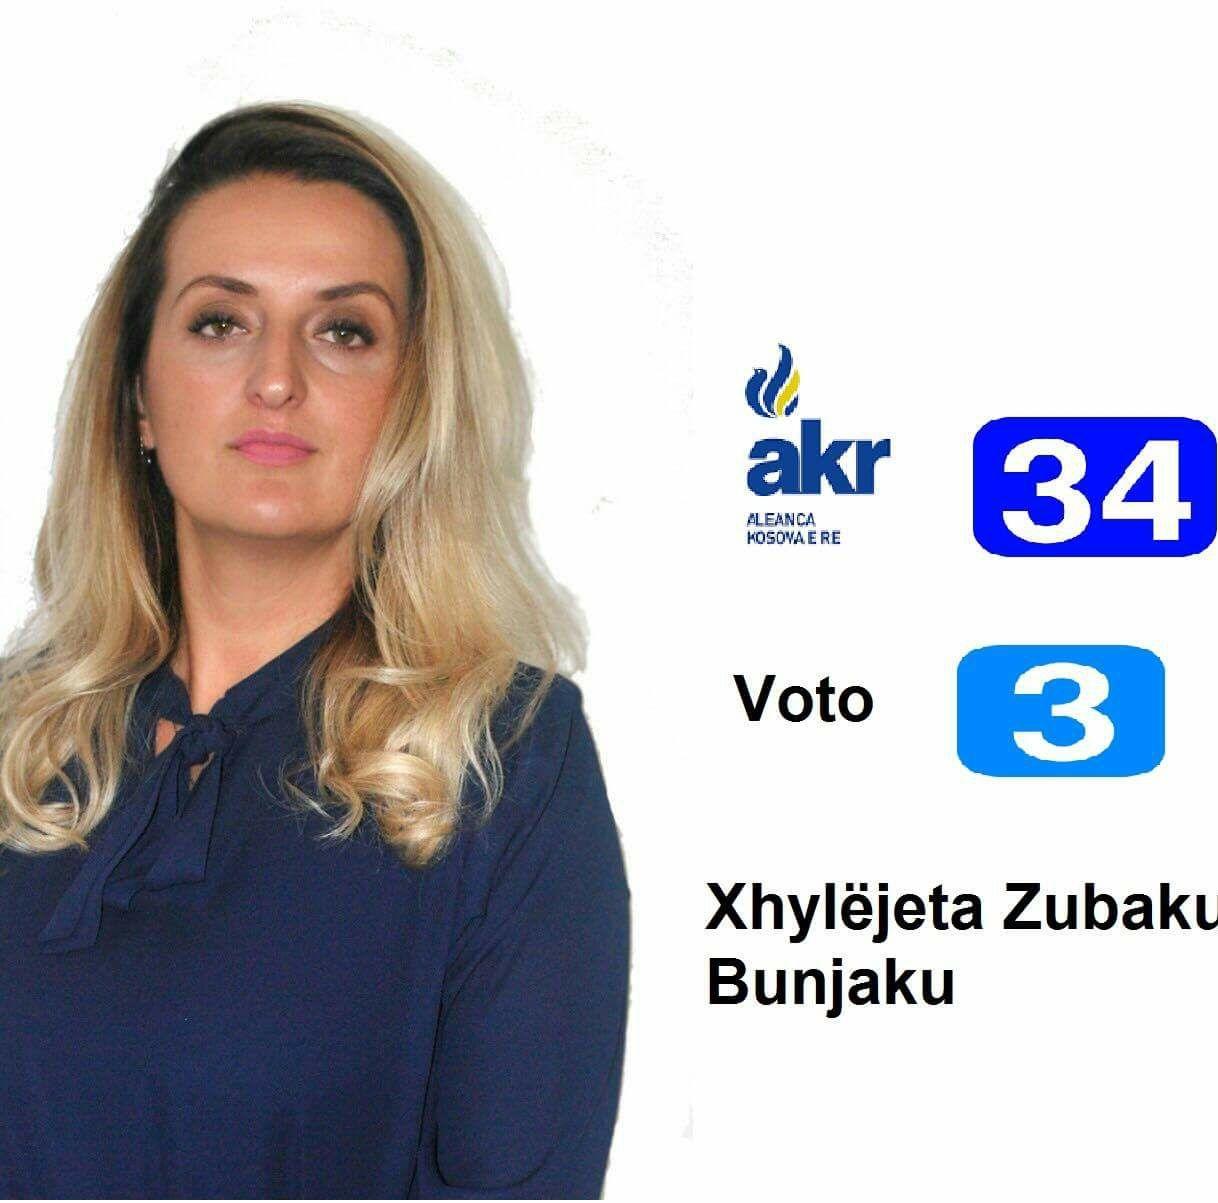 Xhyljëjeta Zubaku